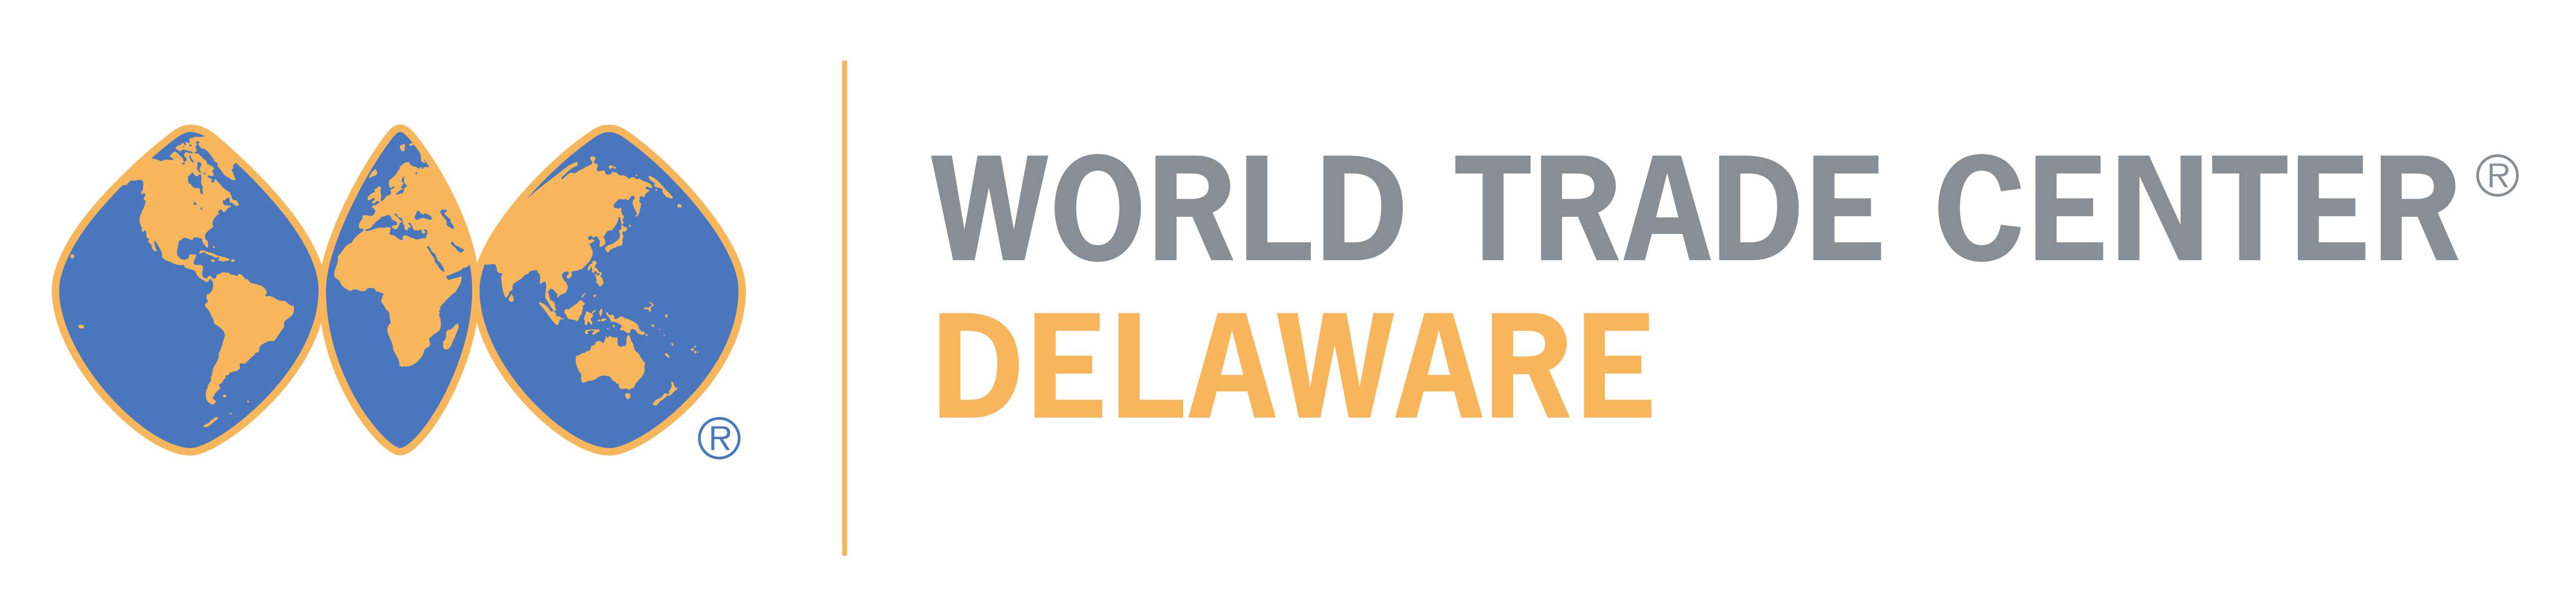 WTC Delaware